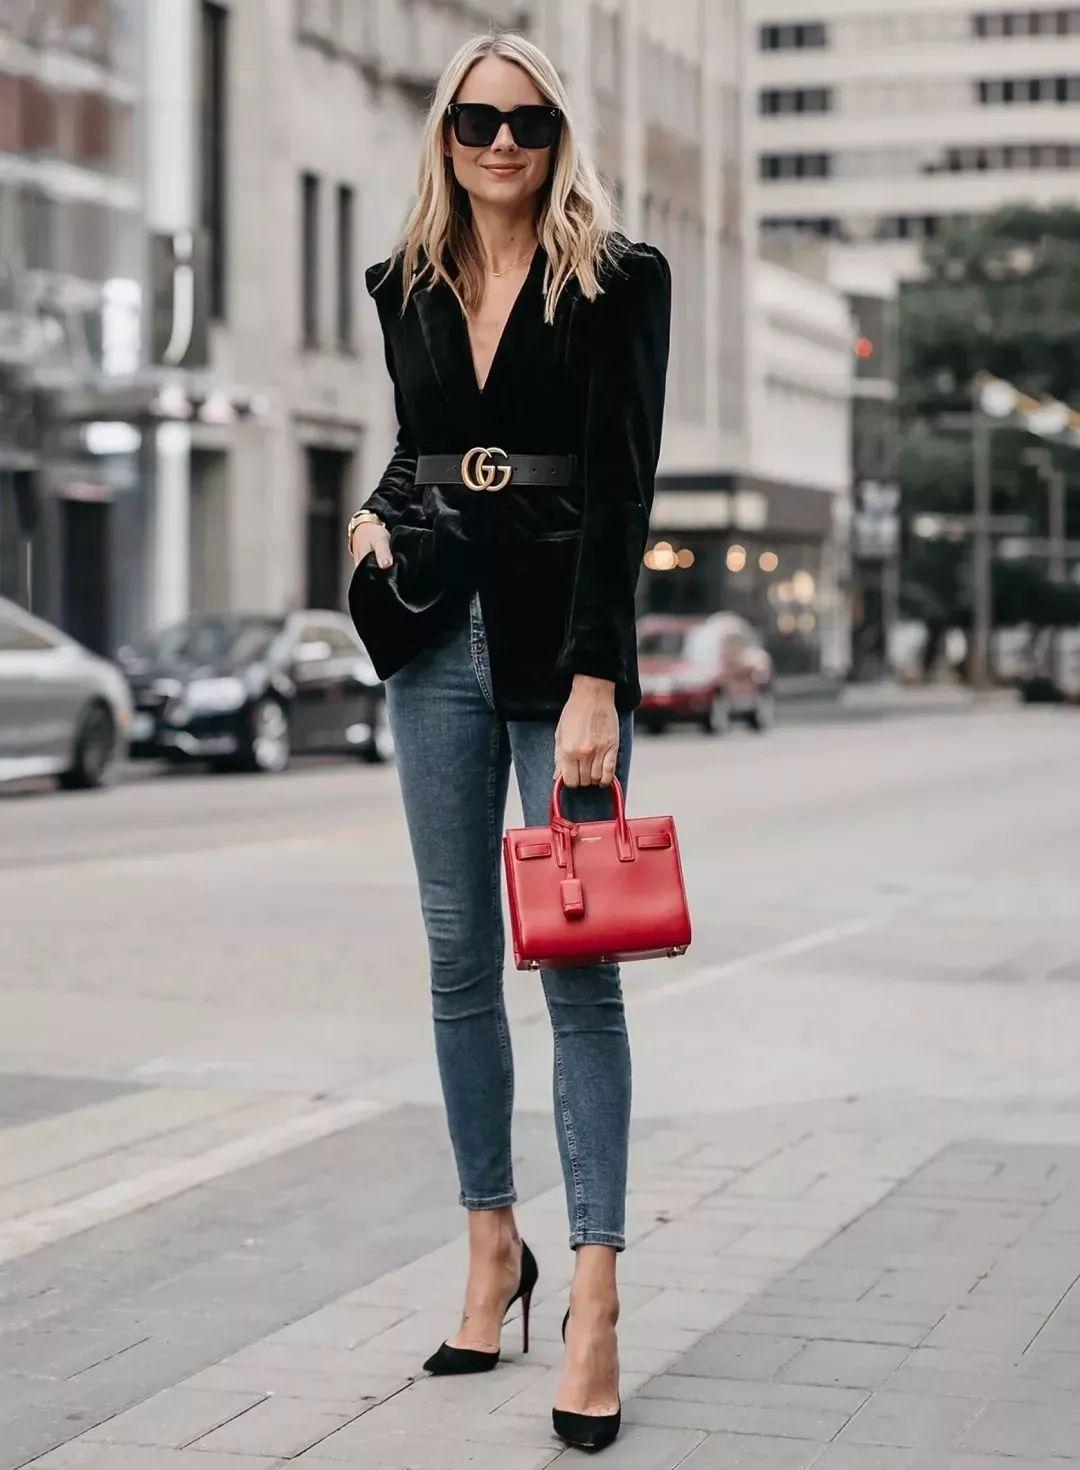 冬天外套配腰带,显高瘦腰巨时髦!